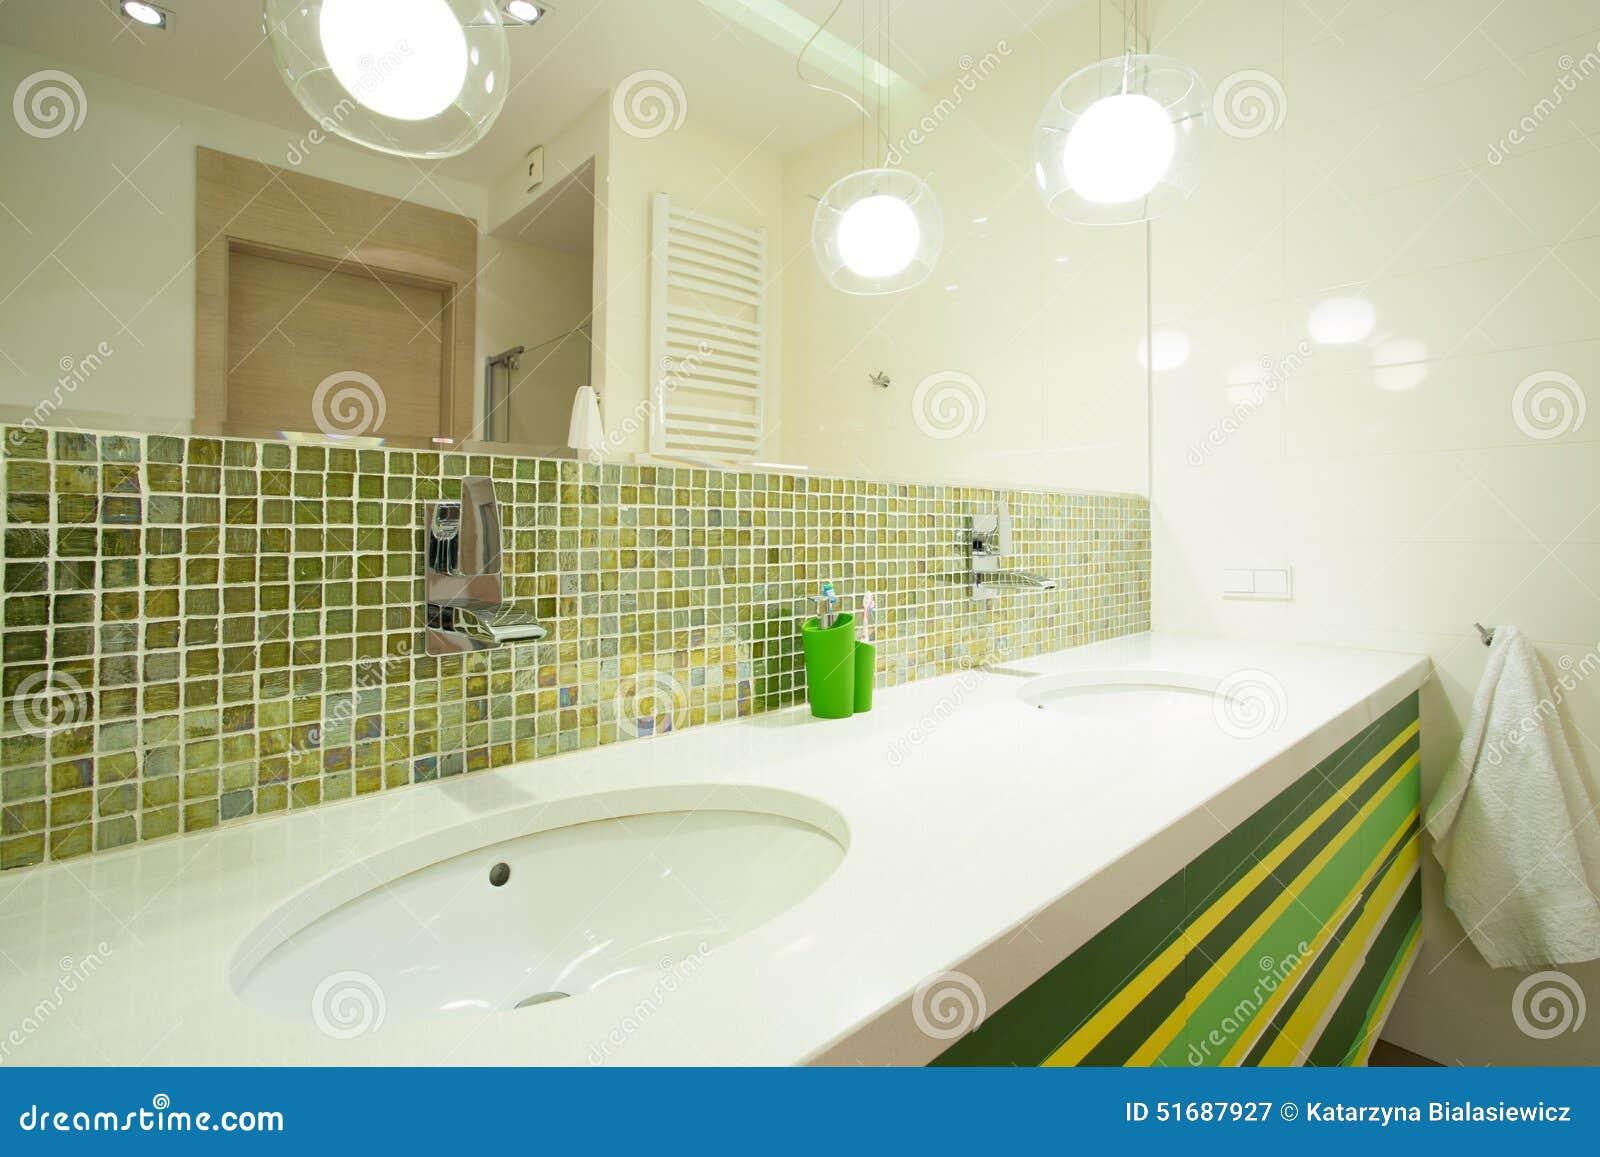 Grüne Fliesen Im Modernen Badezimmer Stockbild - Bild von modern ...